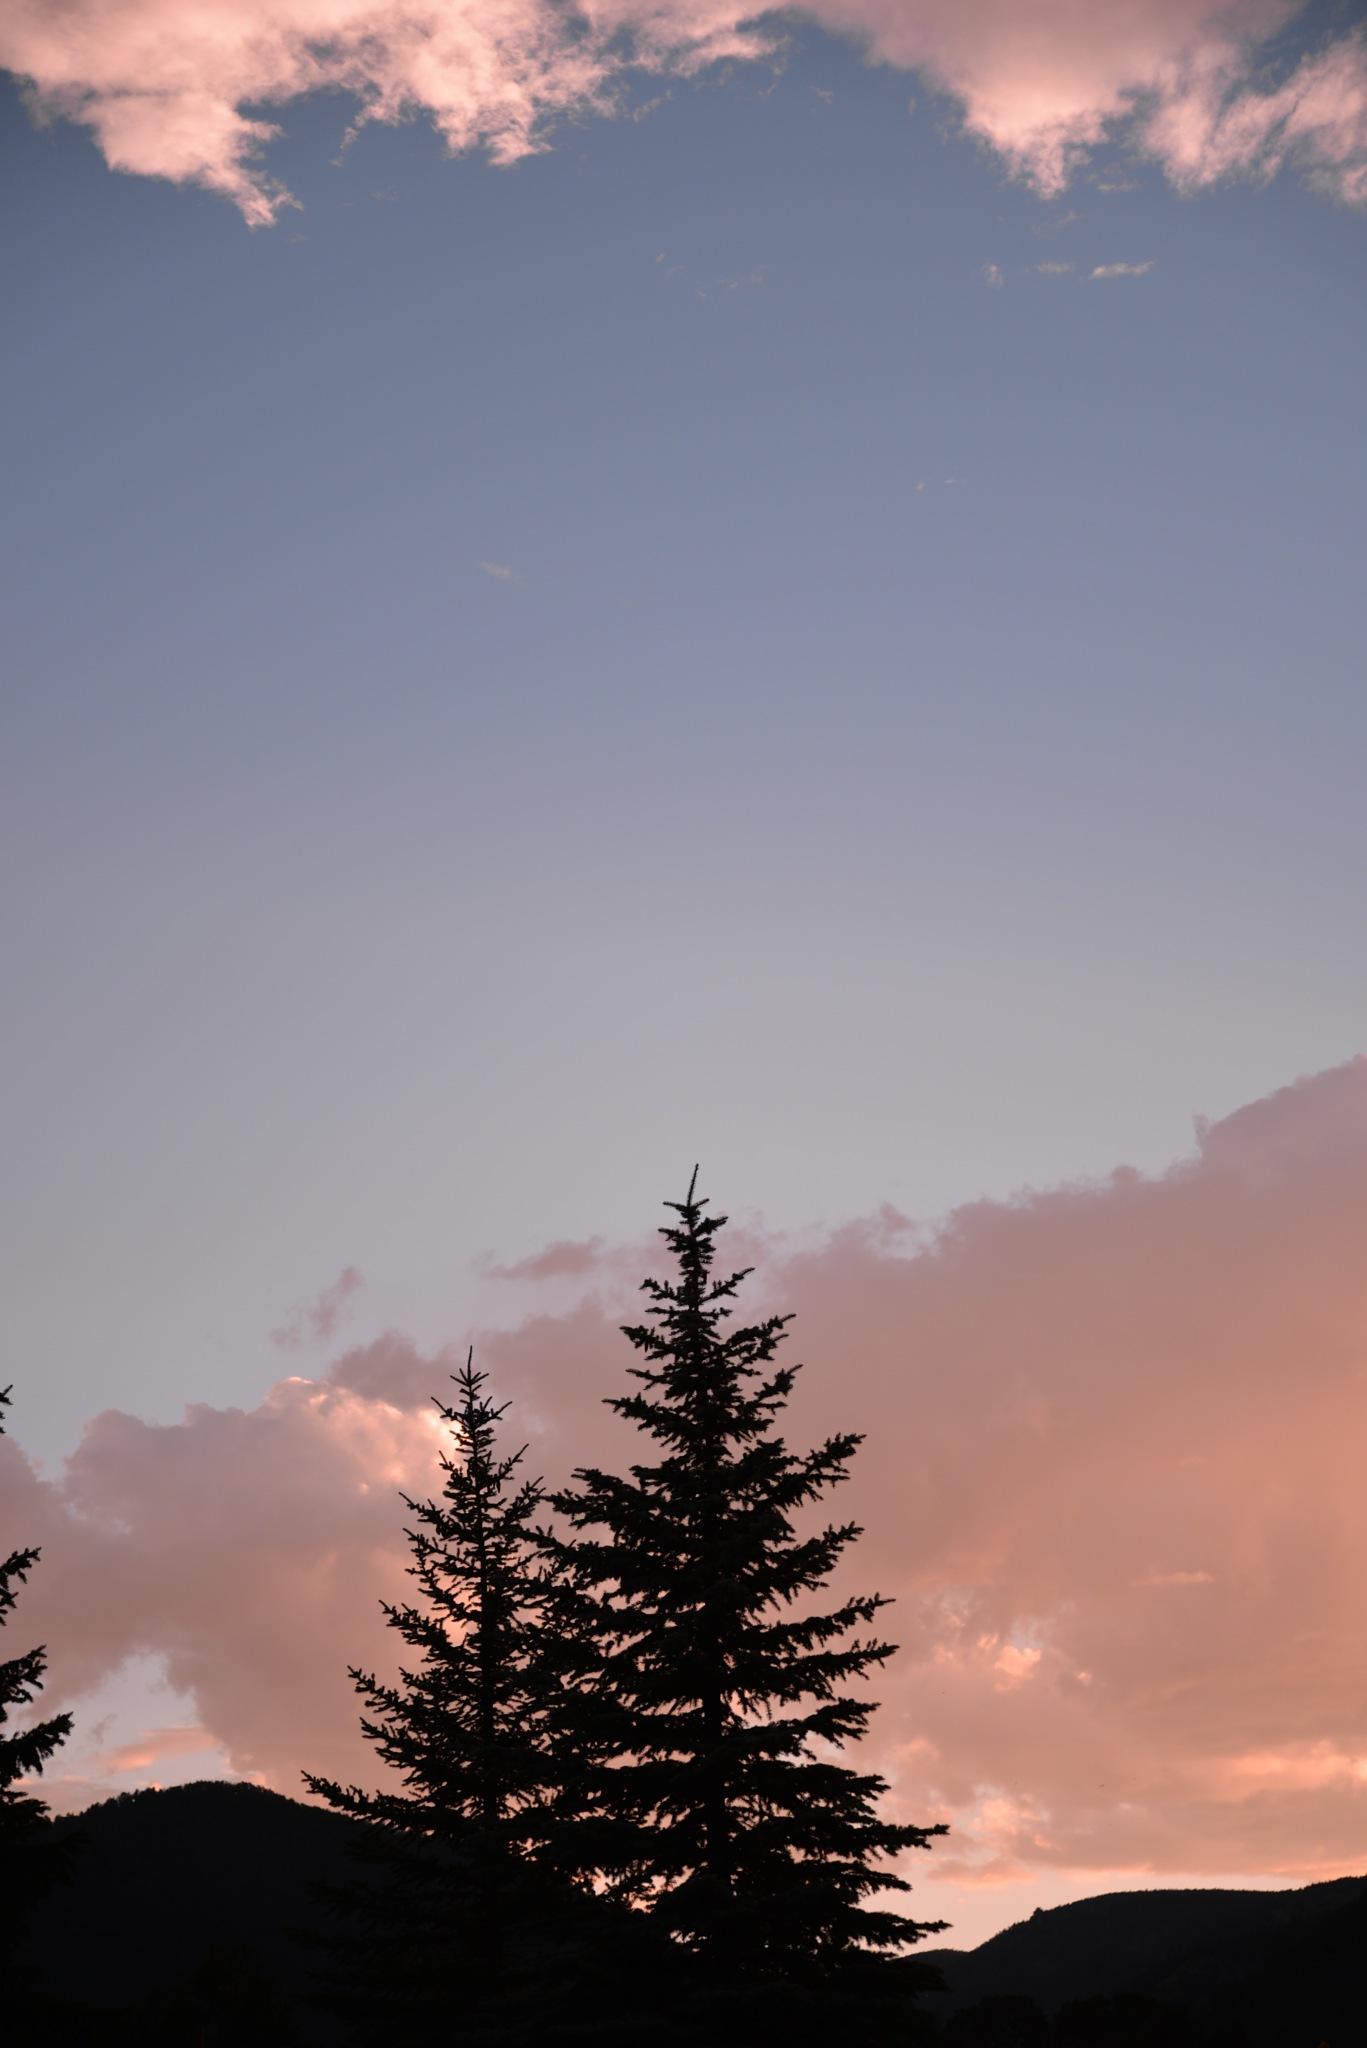 Skylight by Misty Martin